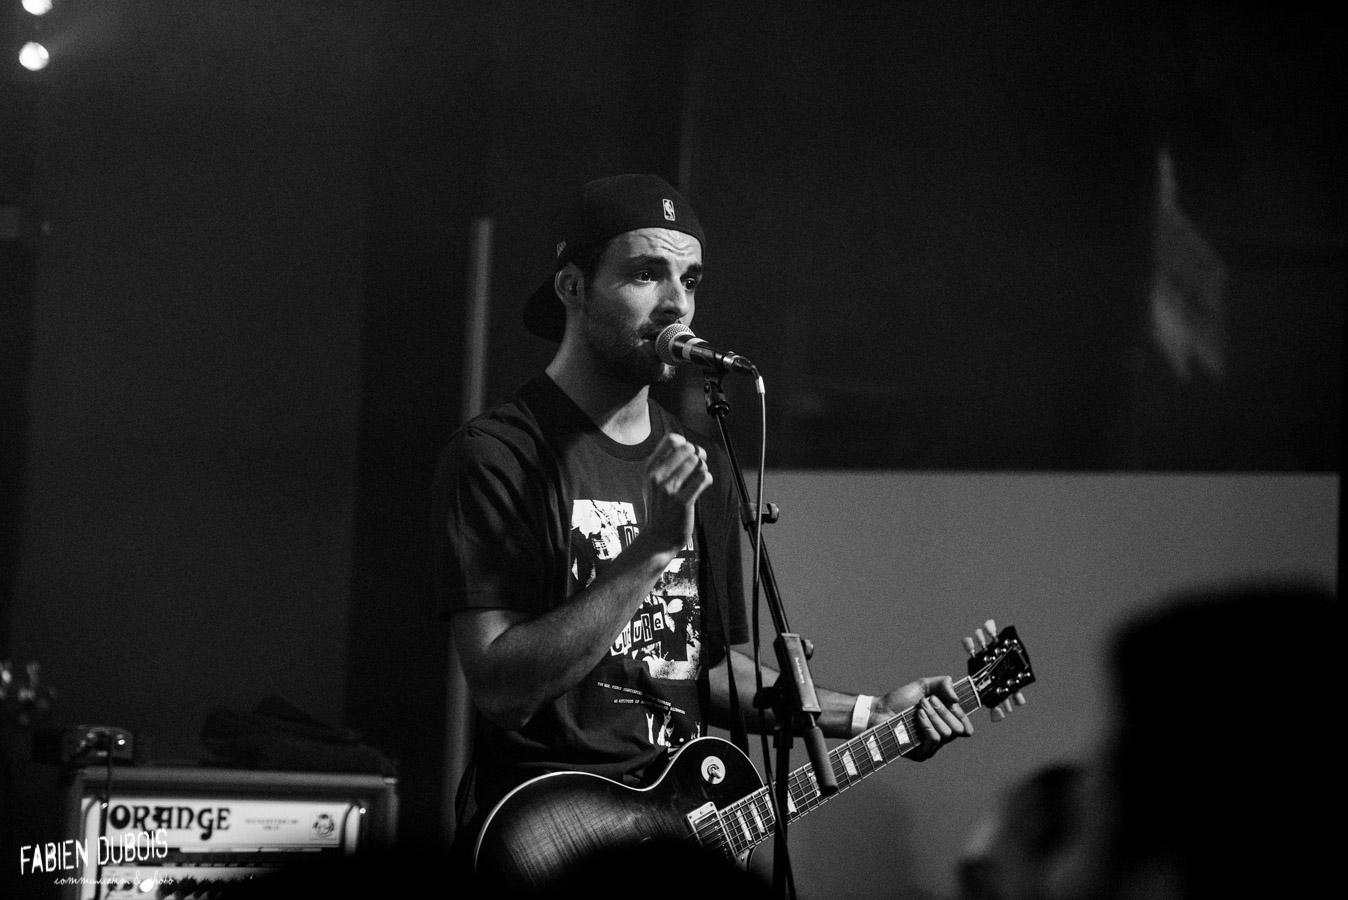 Photo Kawaii Bukkake Hard Rock Café Lyon 2018